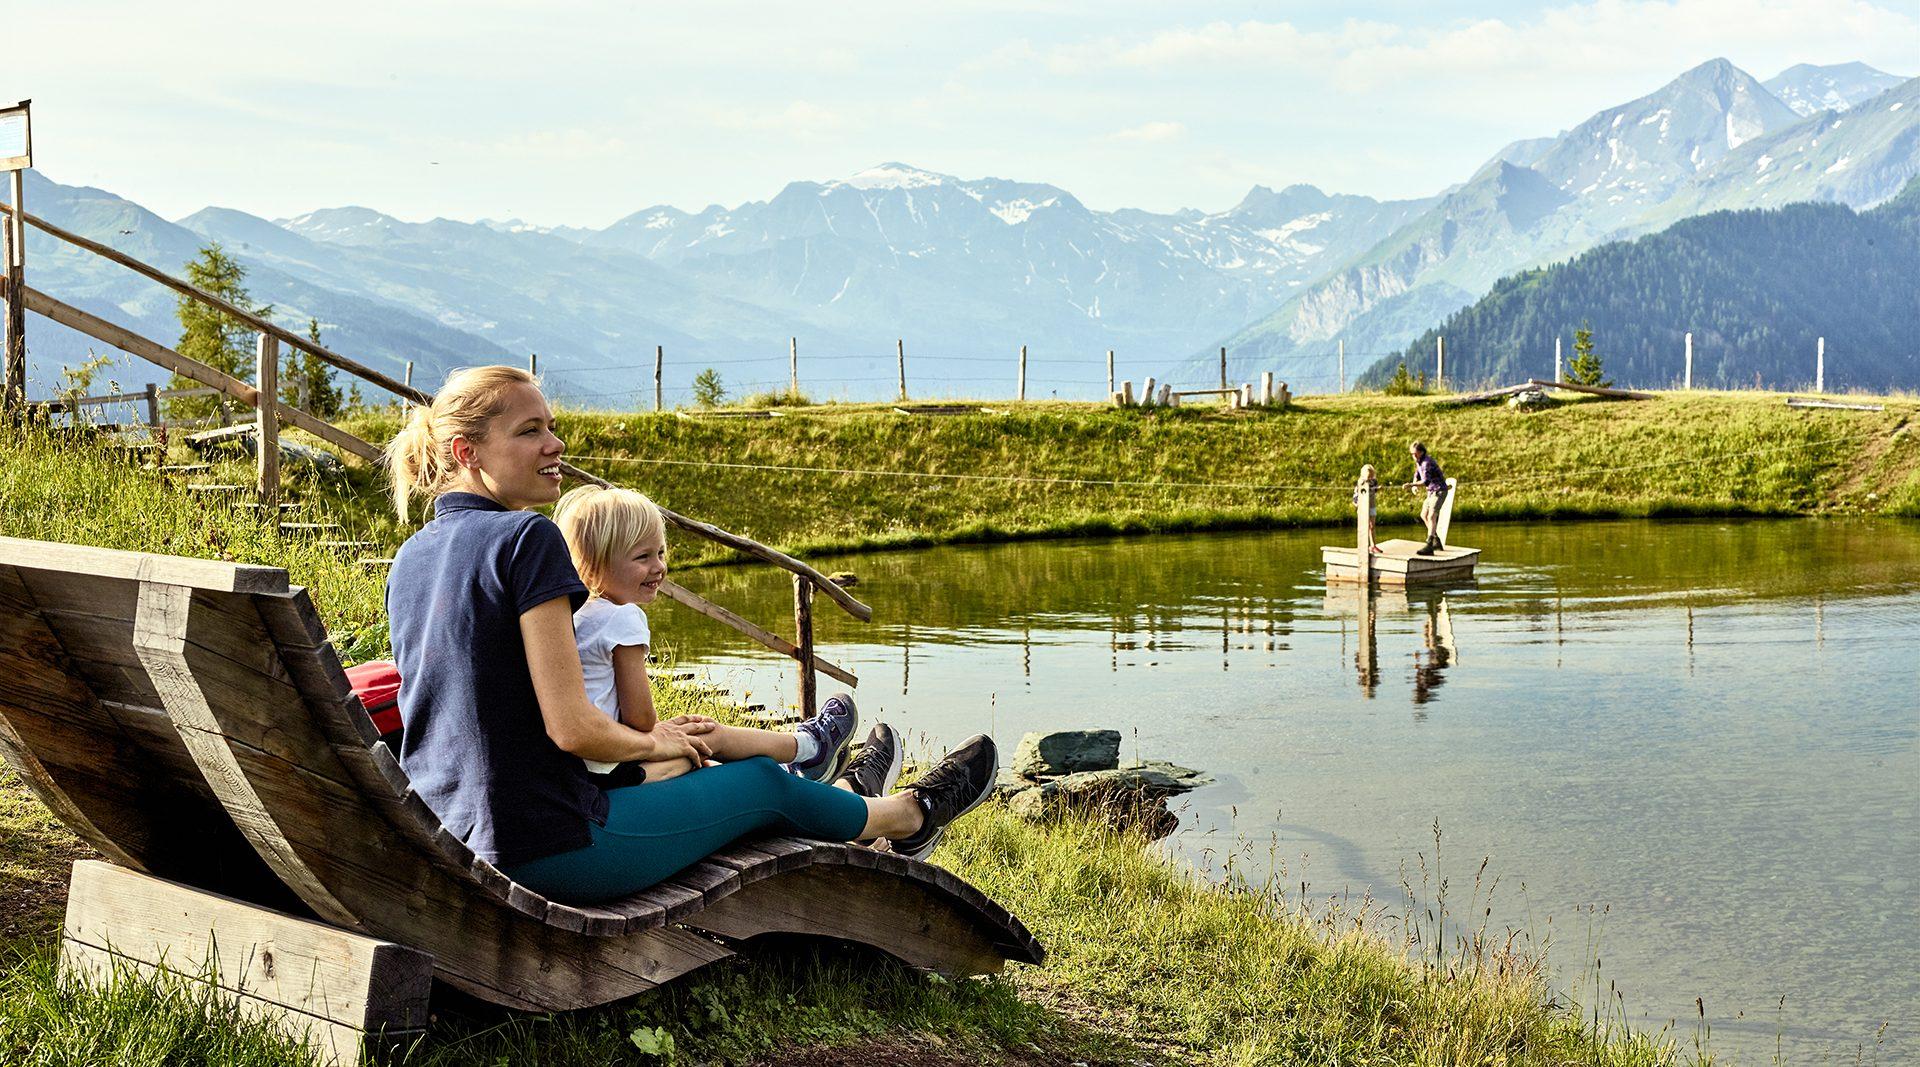 Rauris: Urlaubsparadies für Wanderer, Skisportler und Naturliebhaber.